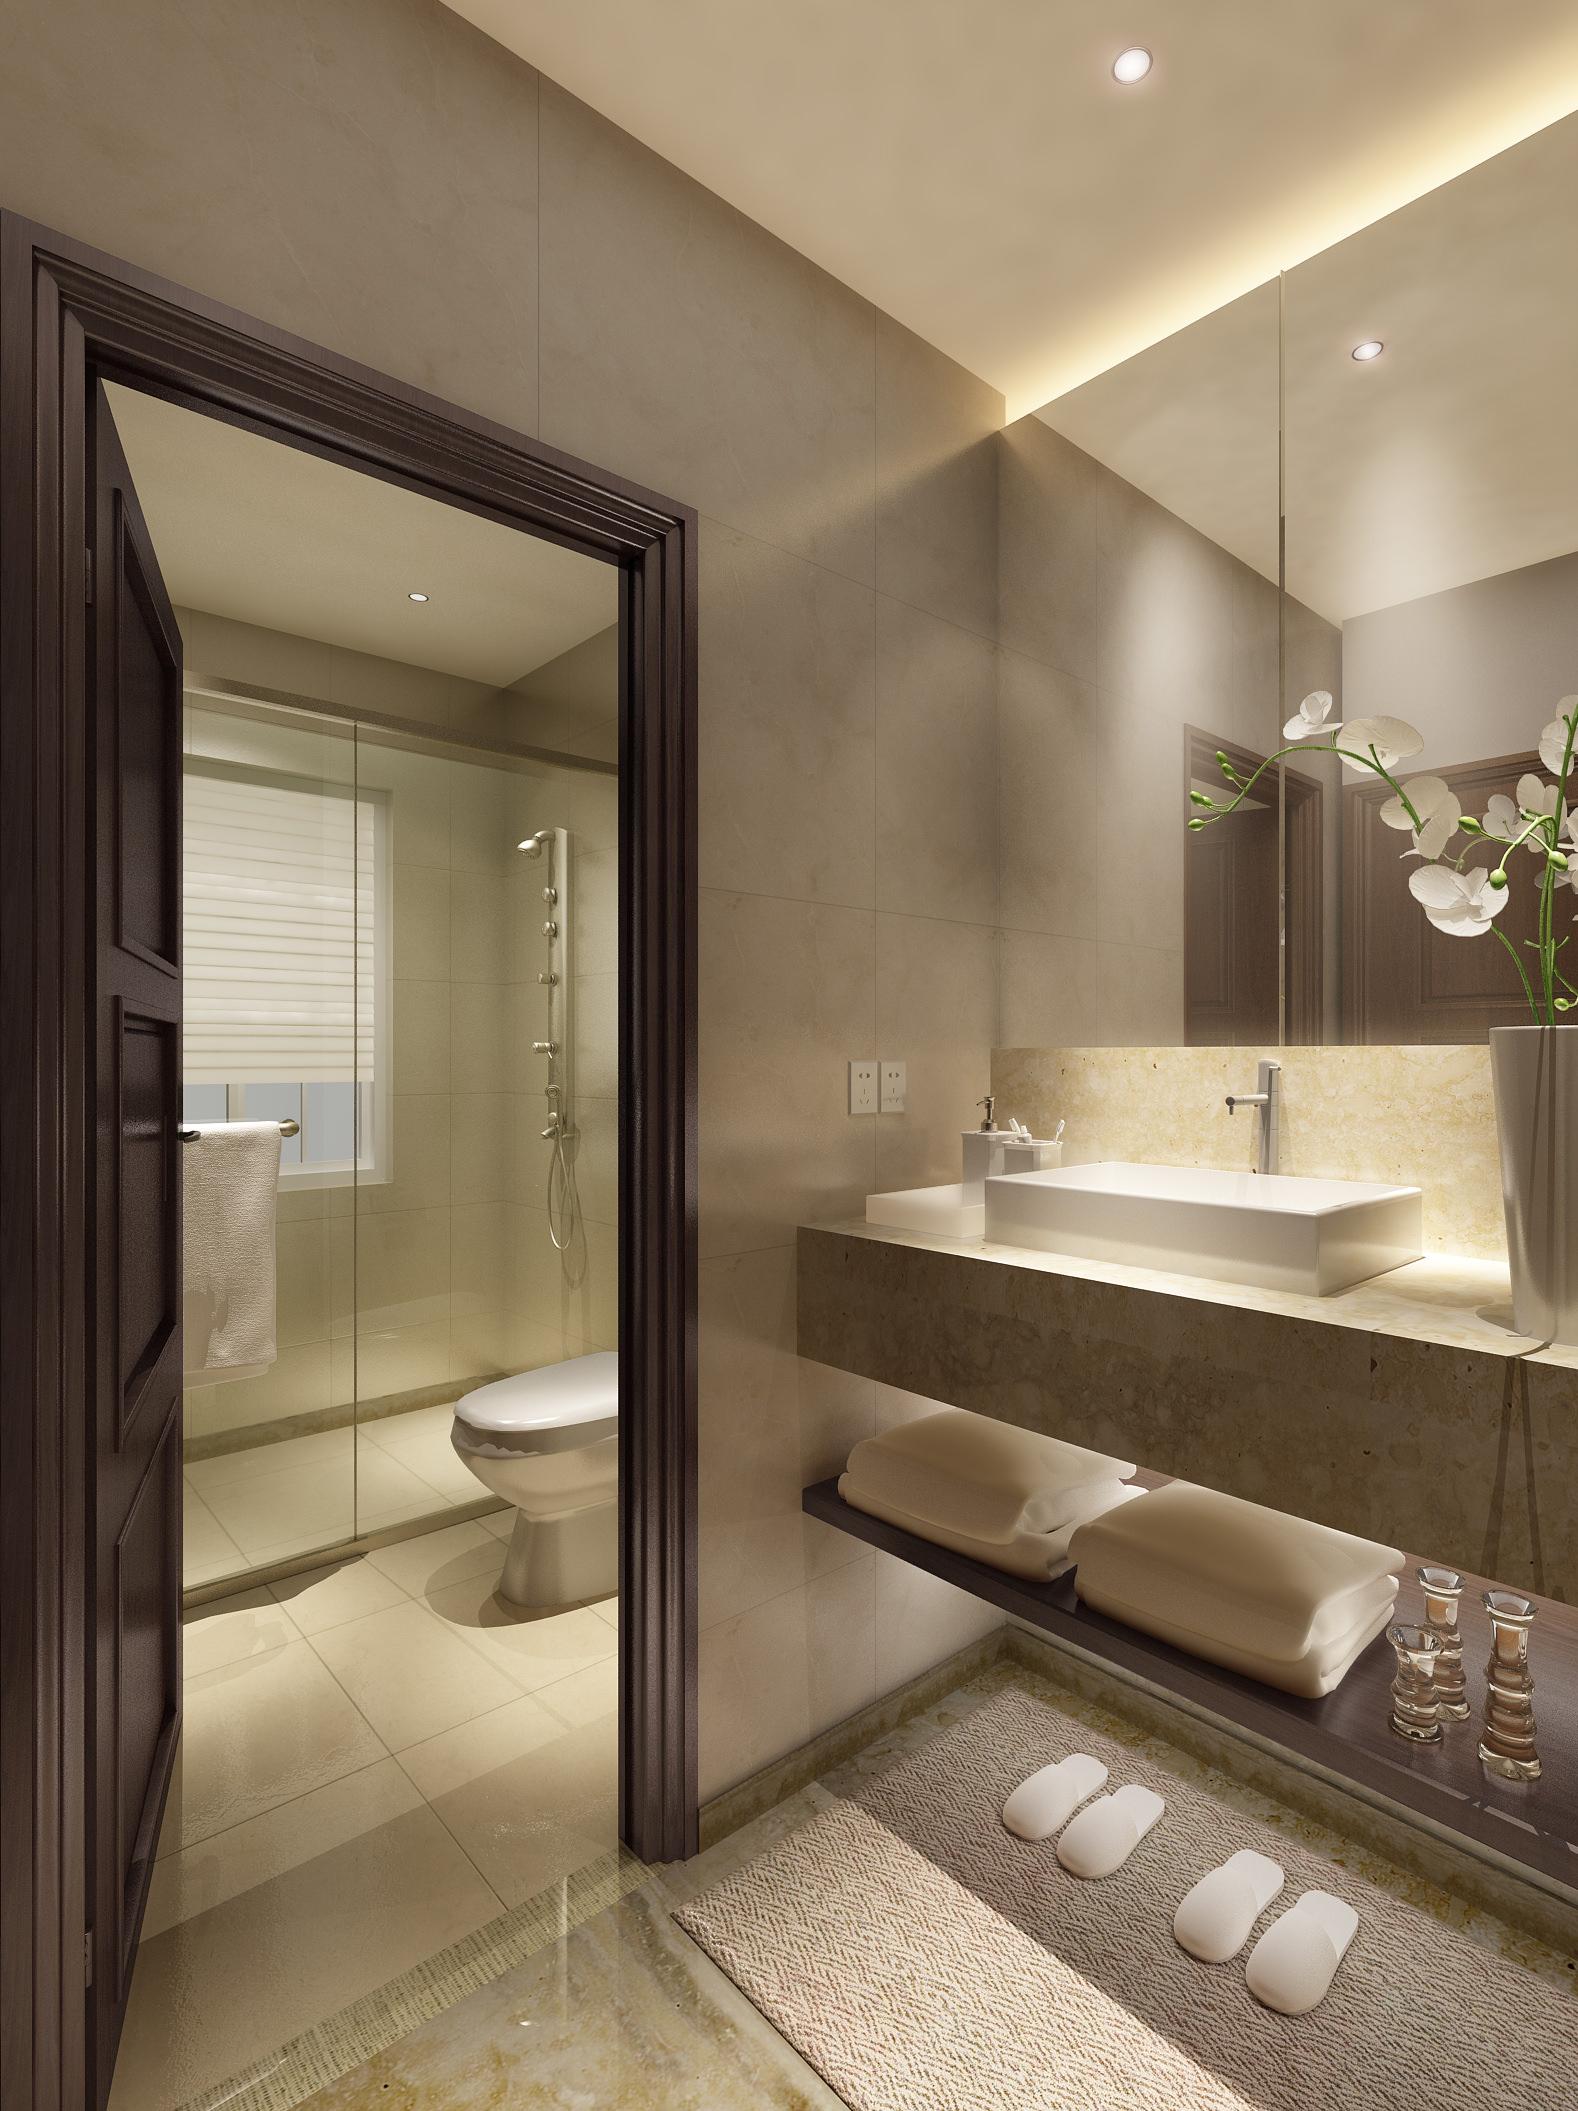 Bathroom with posh mat 3d model max for New bathroom models